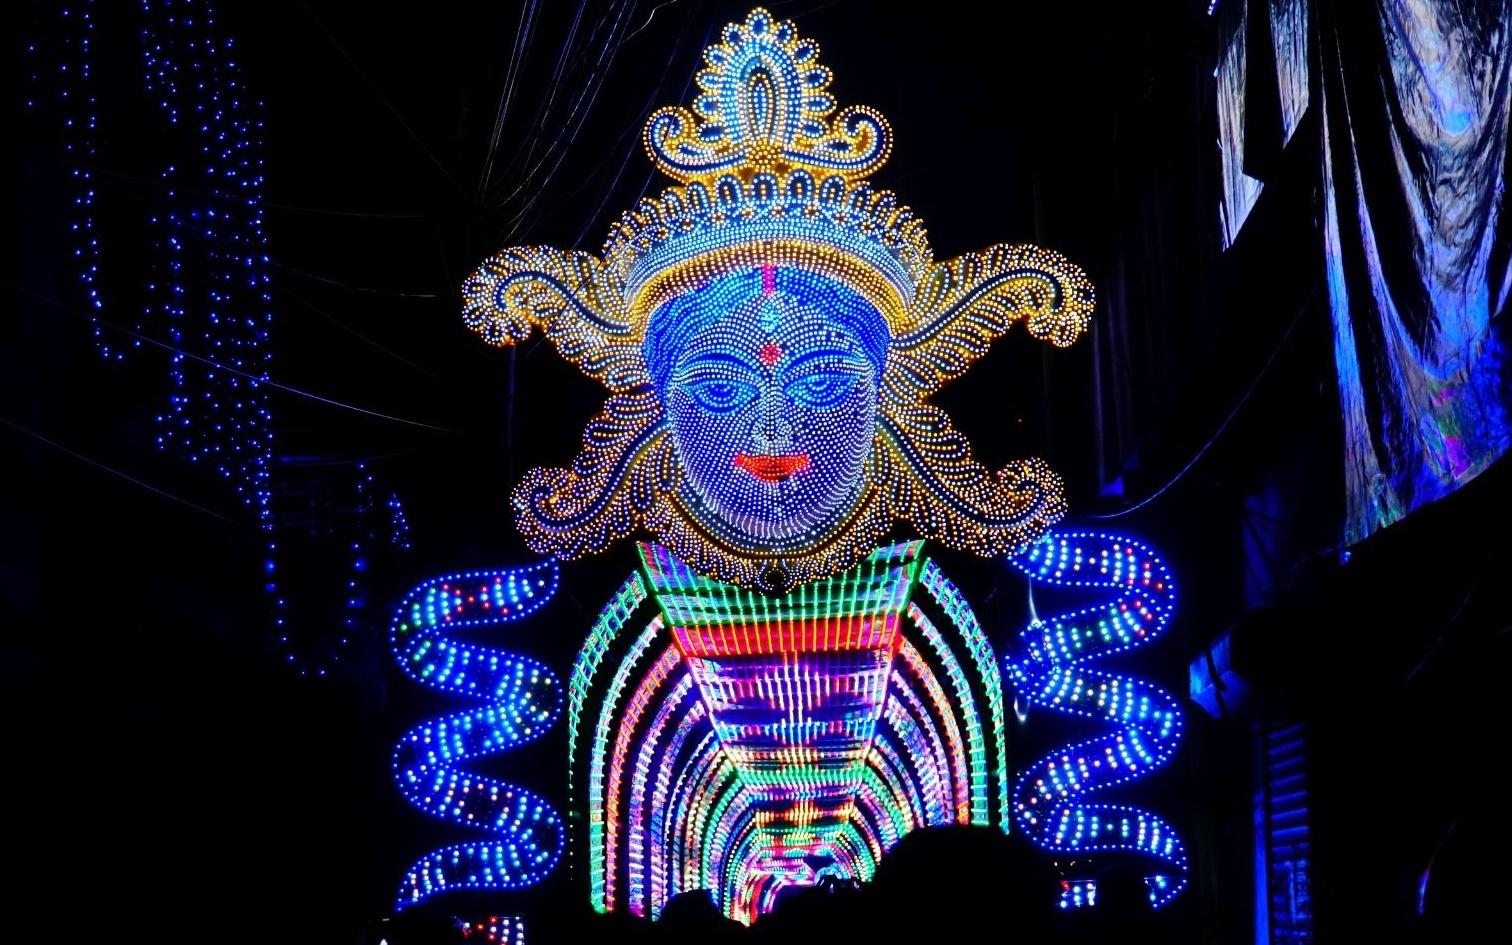 পুজোর আগে ঘোর বিপদ চন্দননগরের আলোপাড়ায়